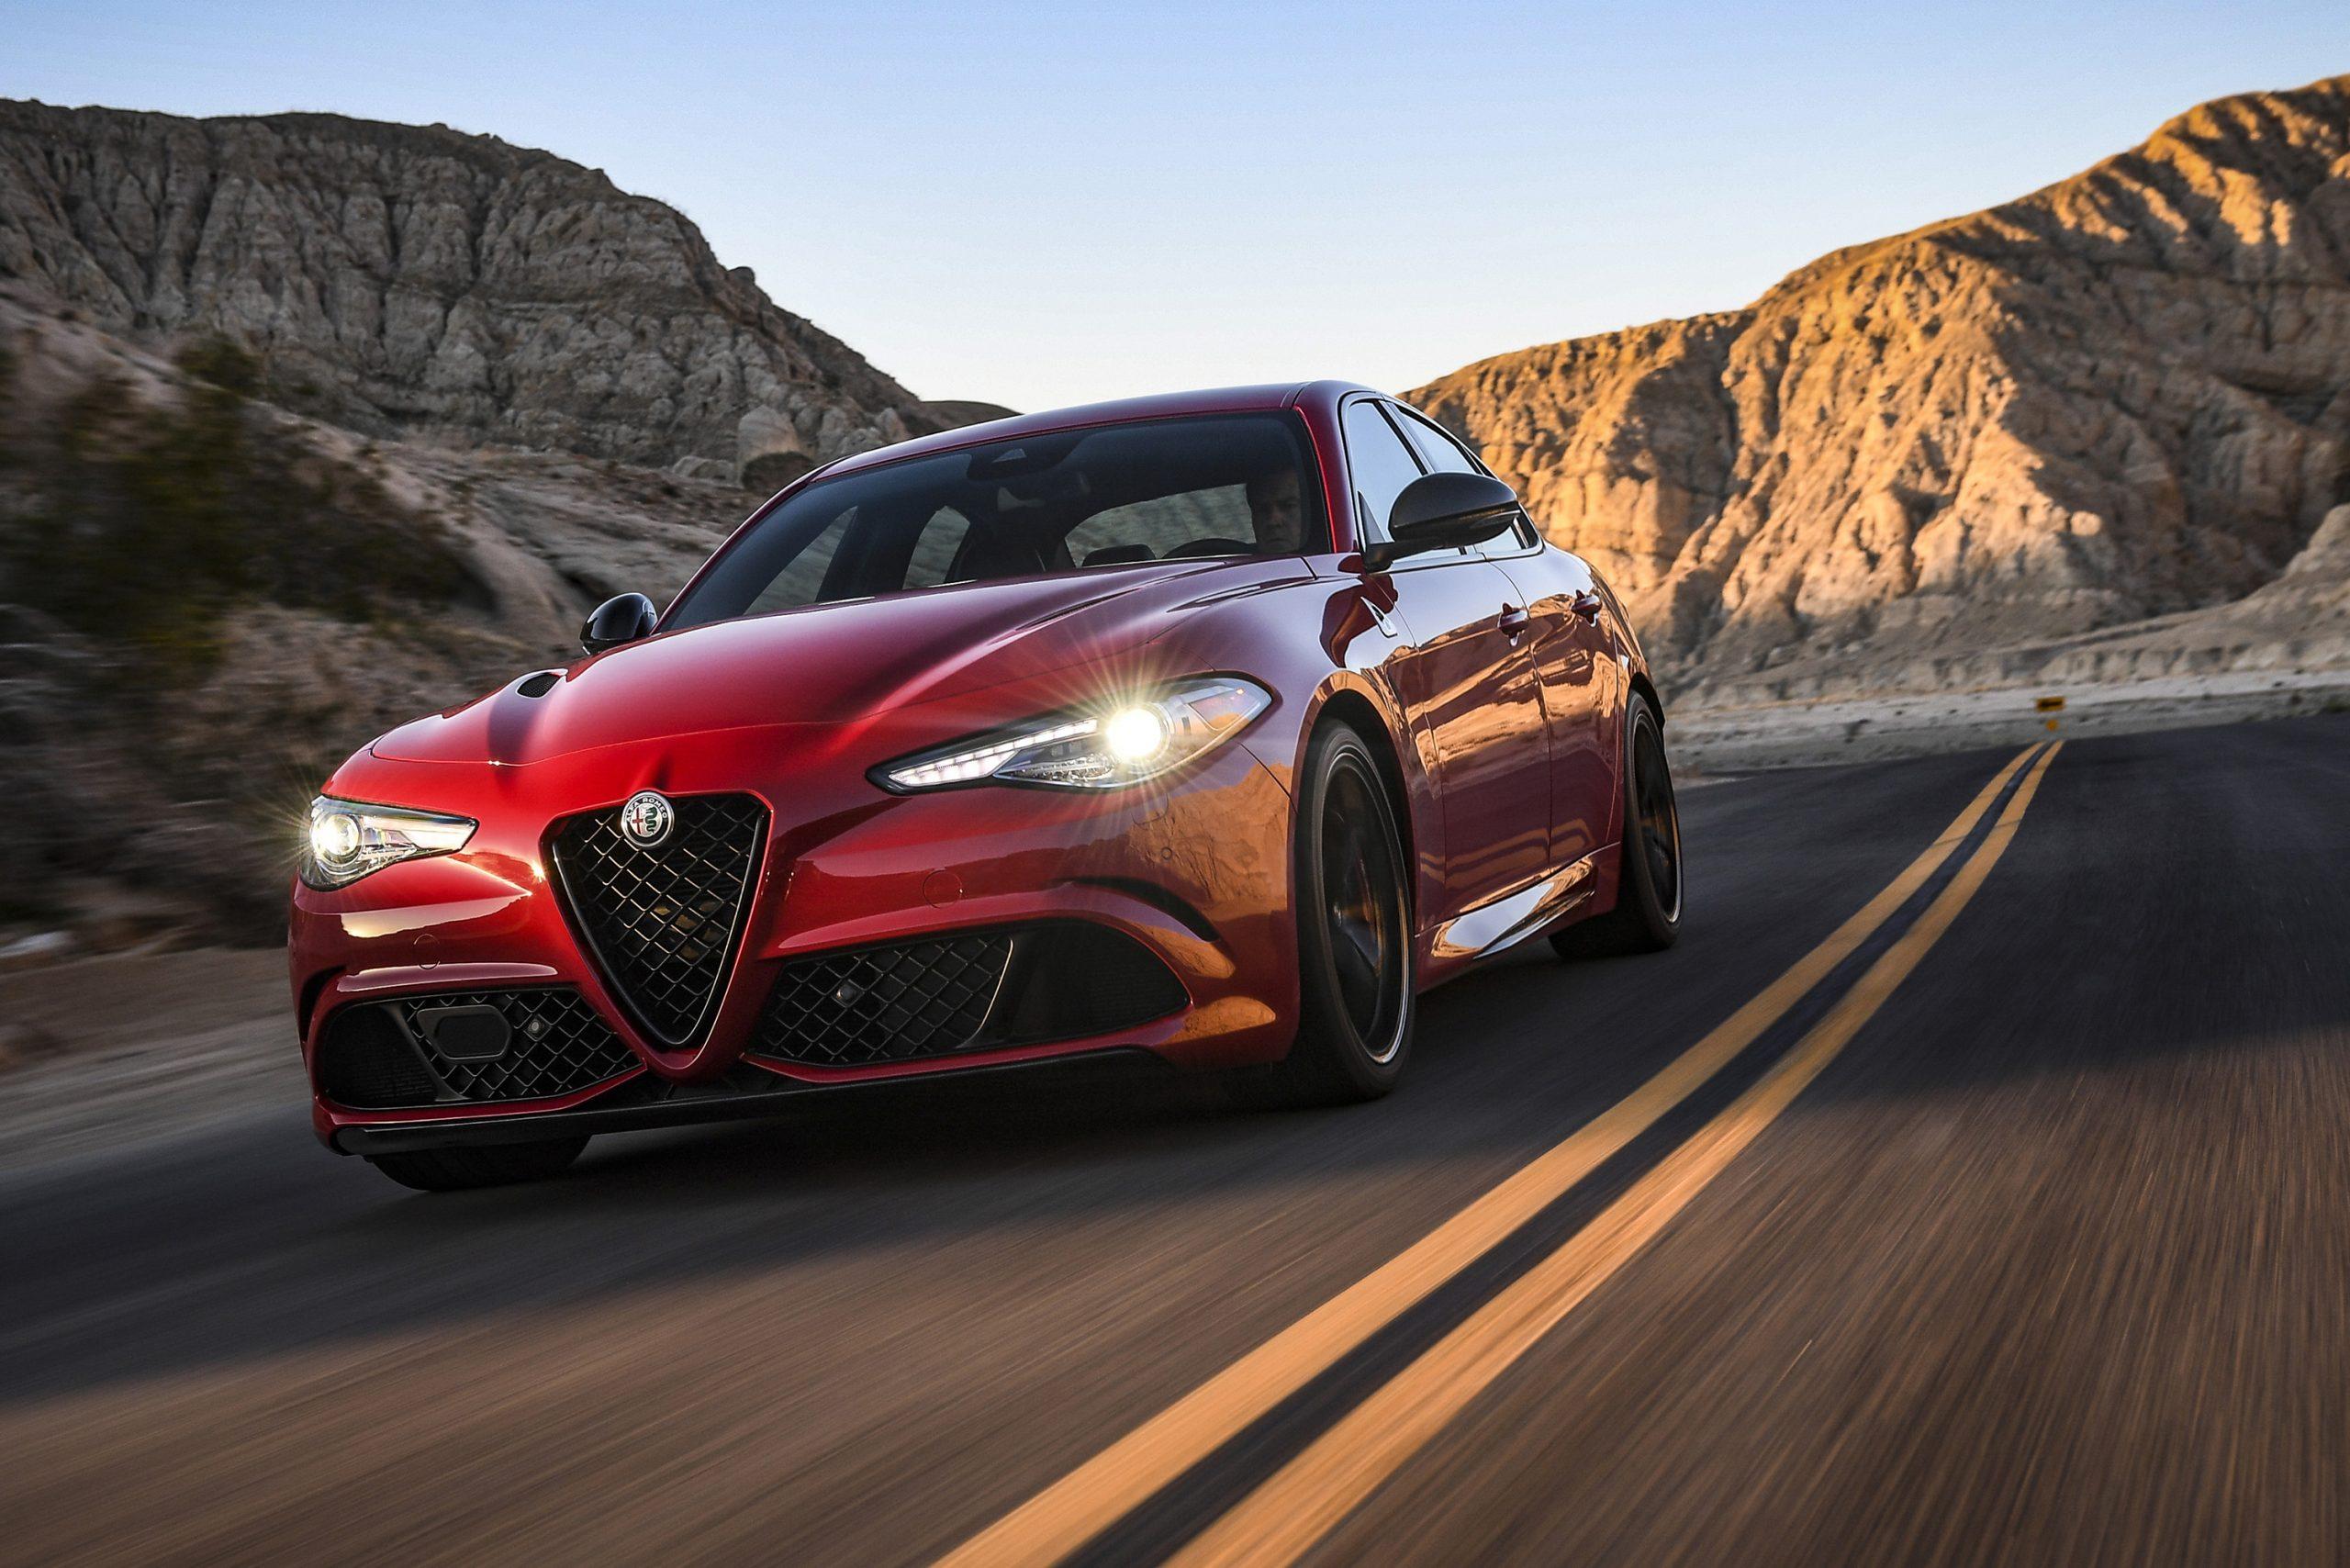 Fastest Four-Door Cars - 2021 Alfa Romeo Giulia Quadrifoglio